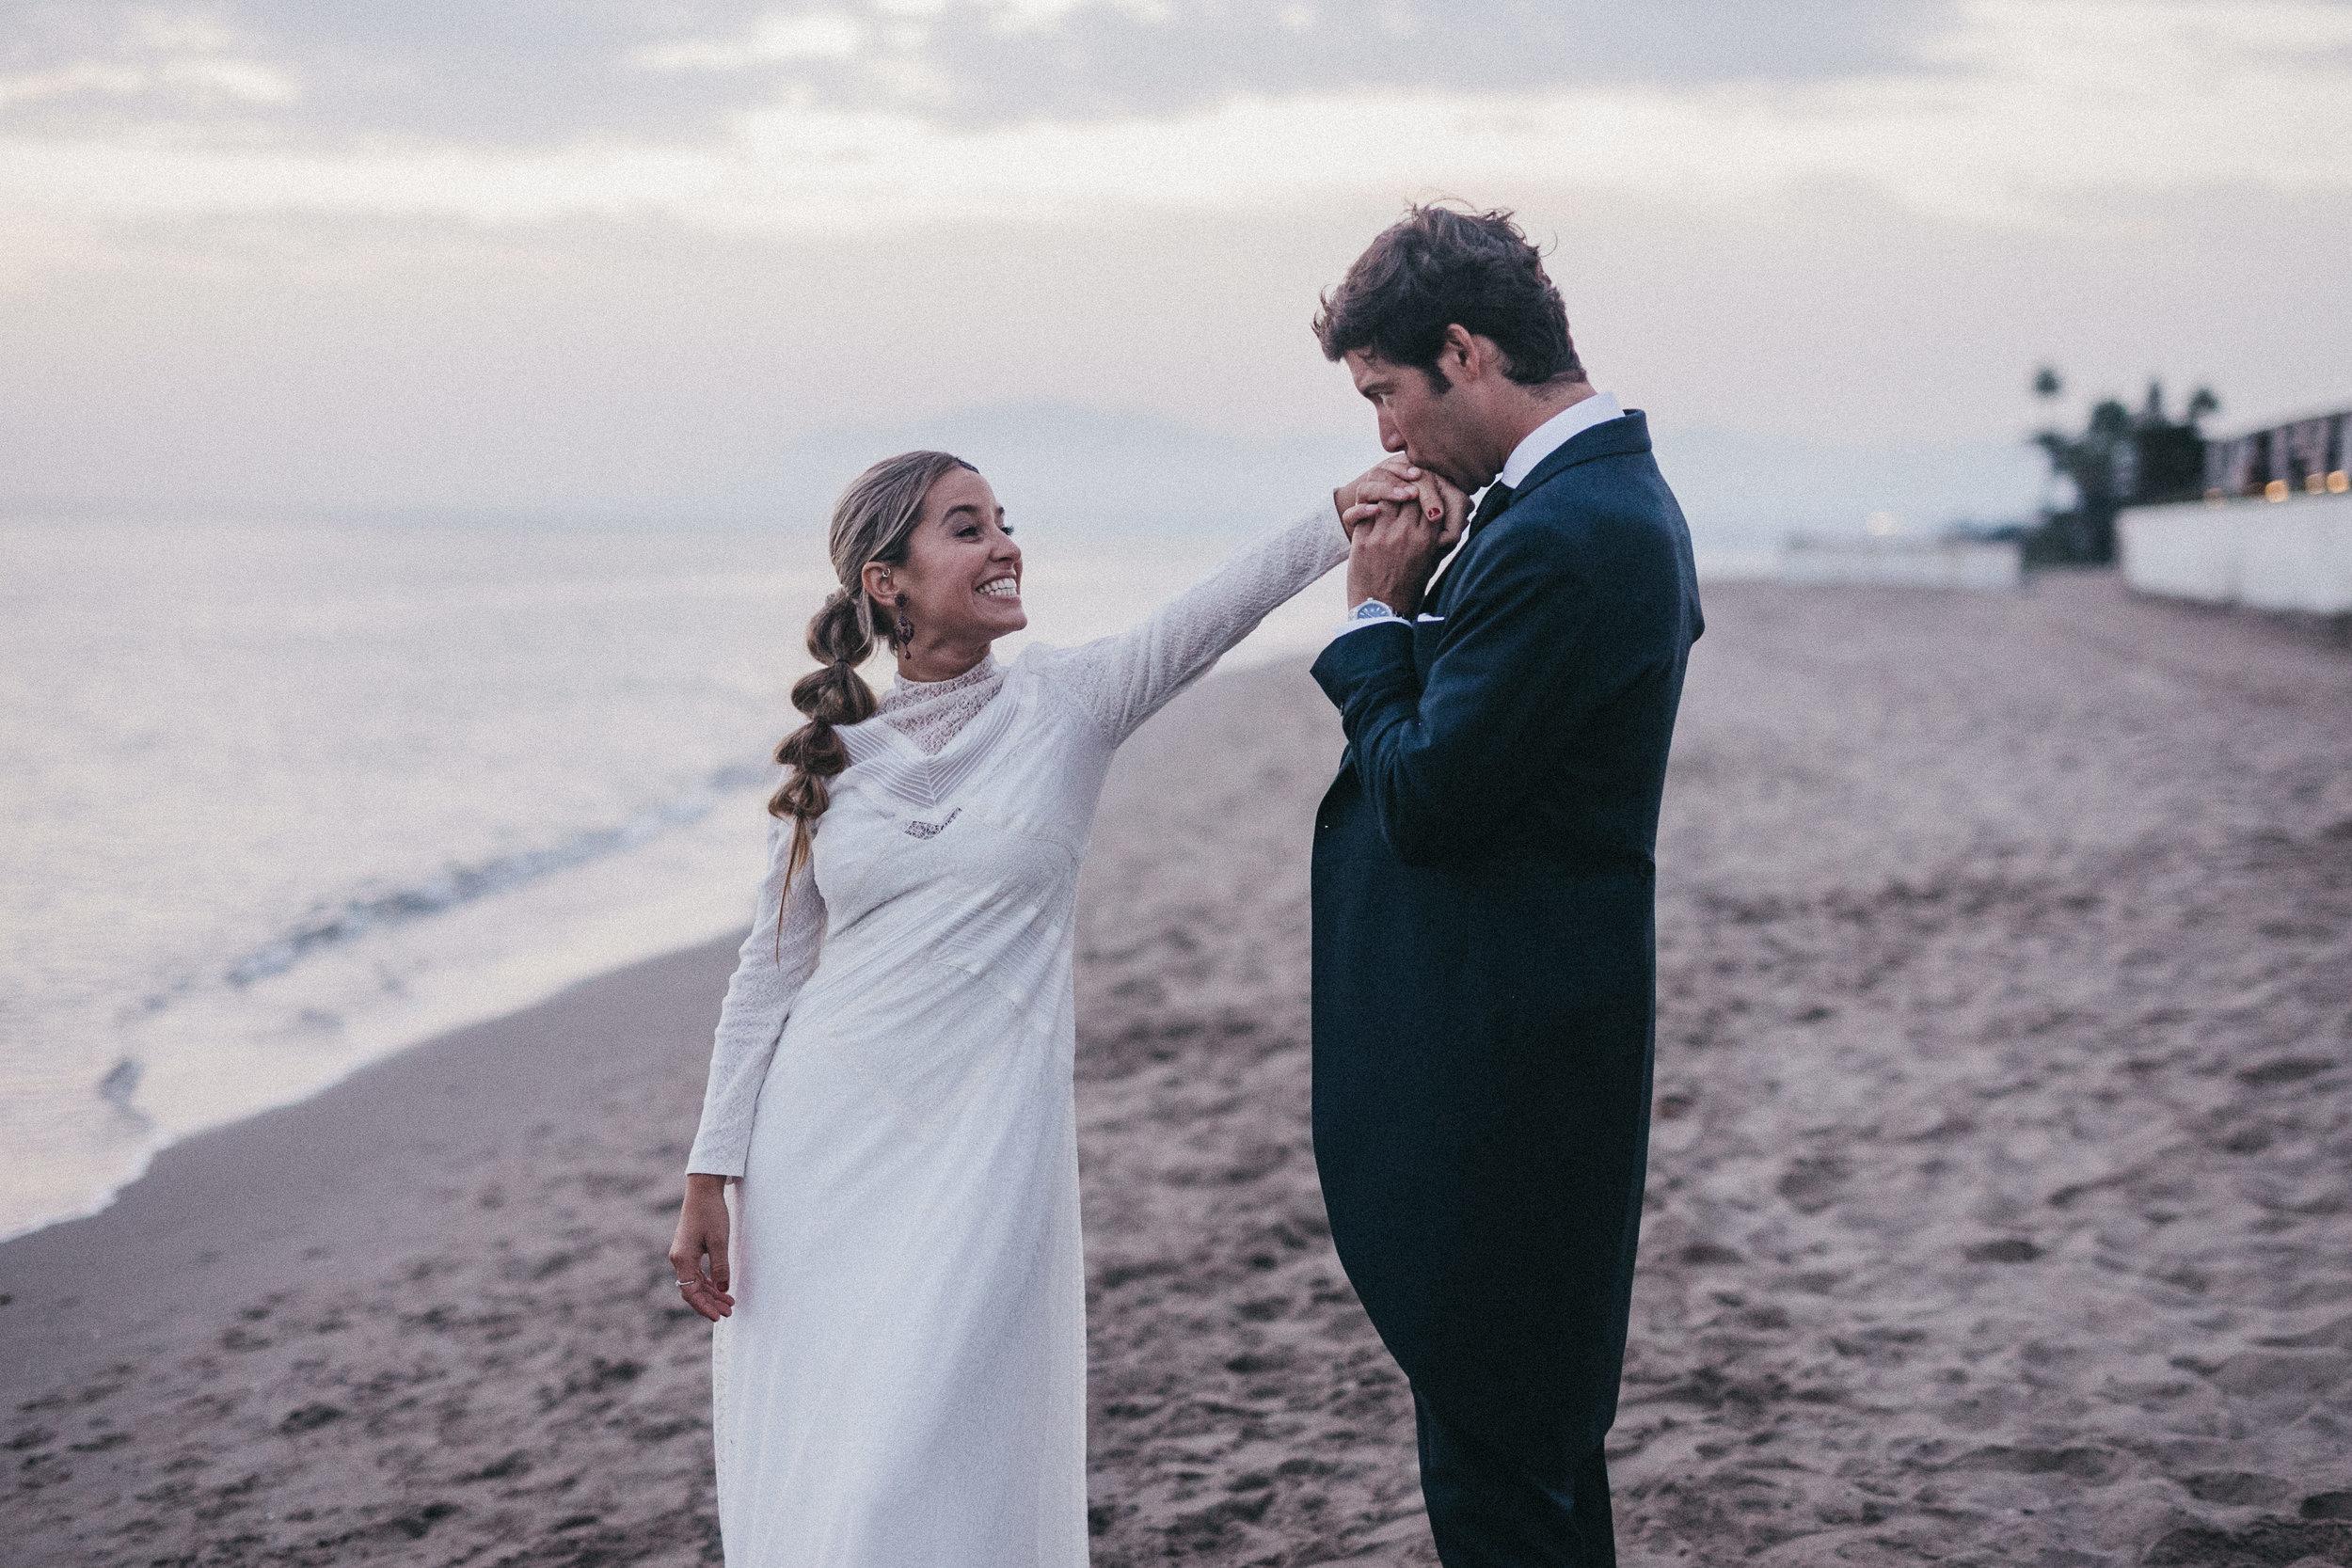 Fotografo de bodas españa serafin castillo wedding photographer spain 030.jpg